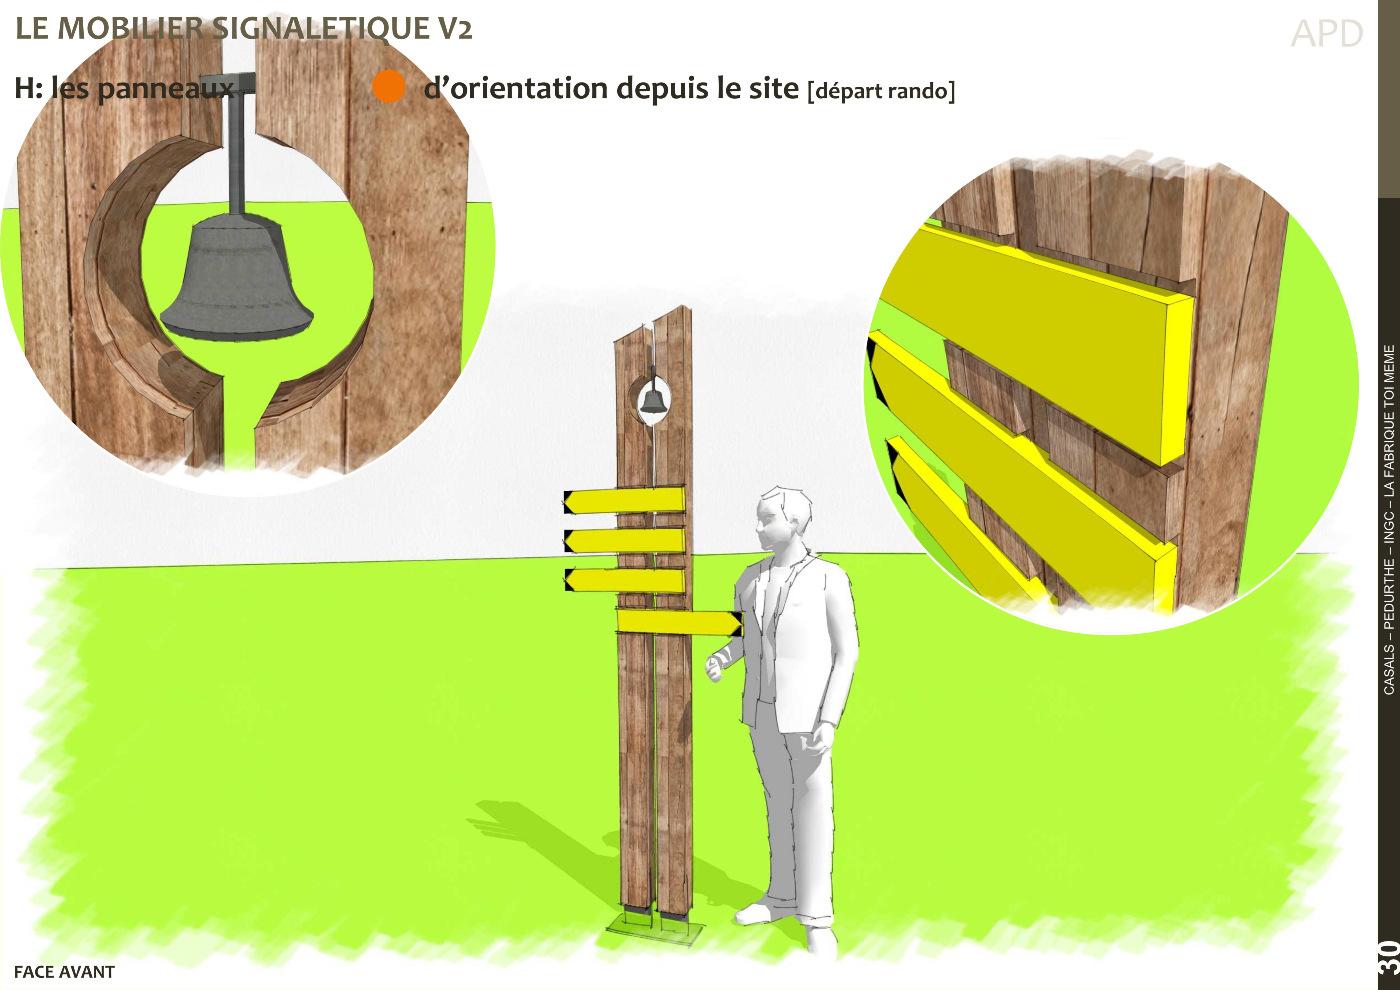 AVP, mobilier signalétique scénario 2